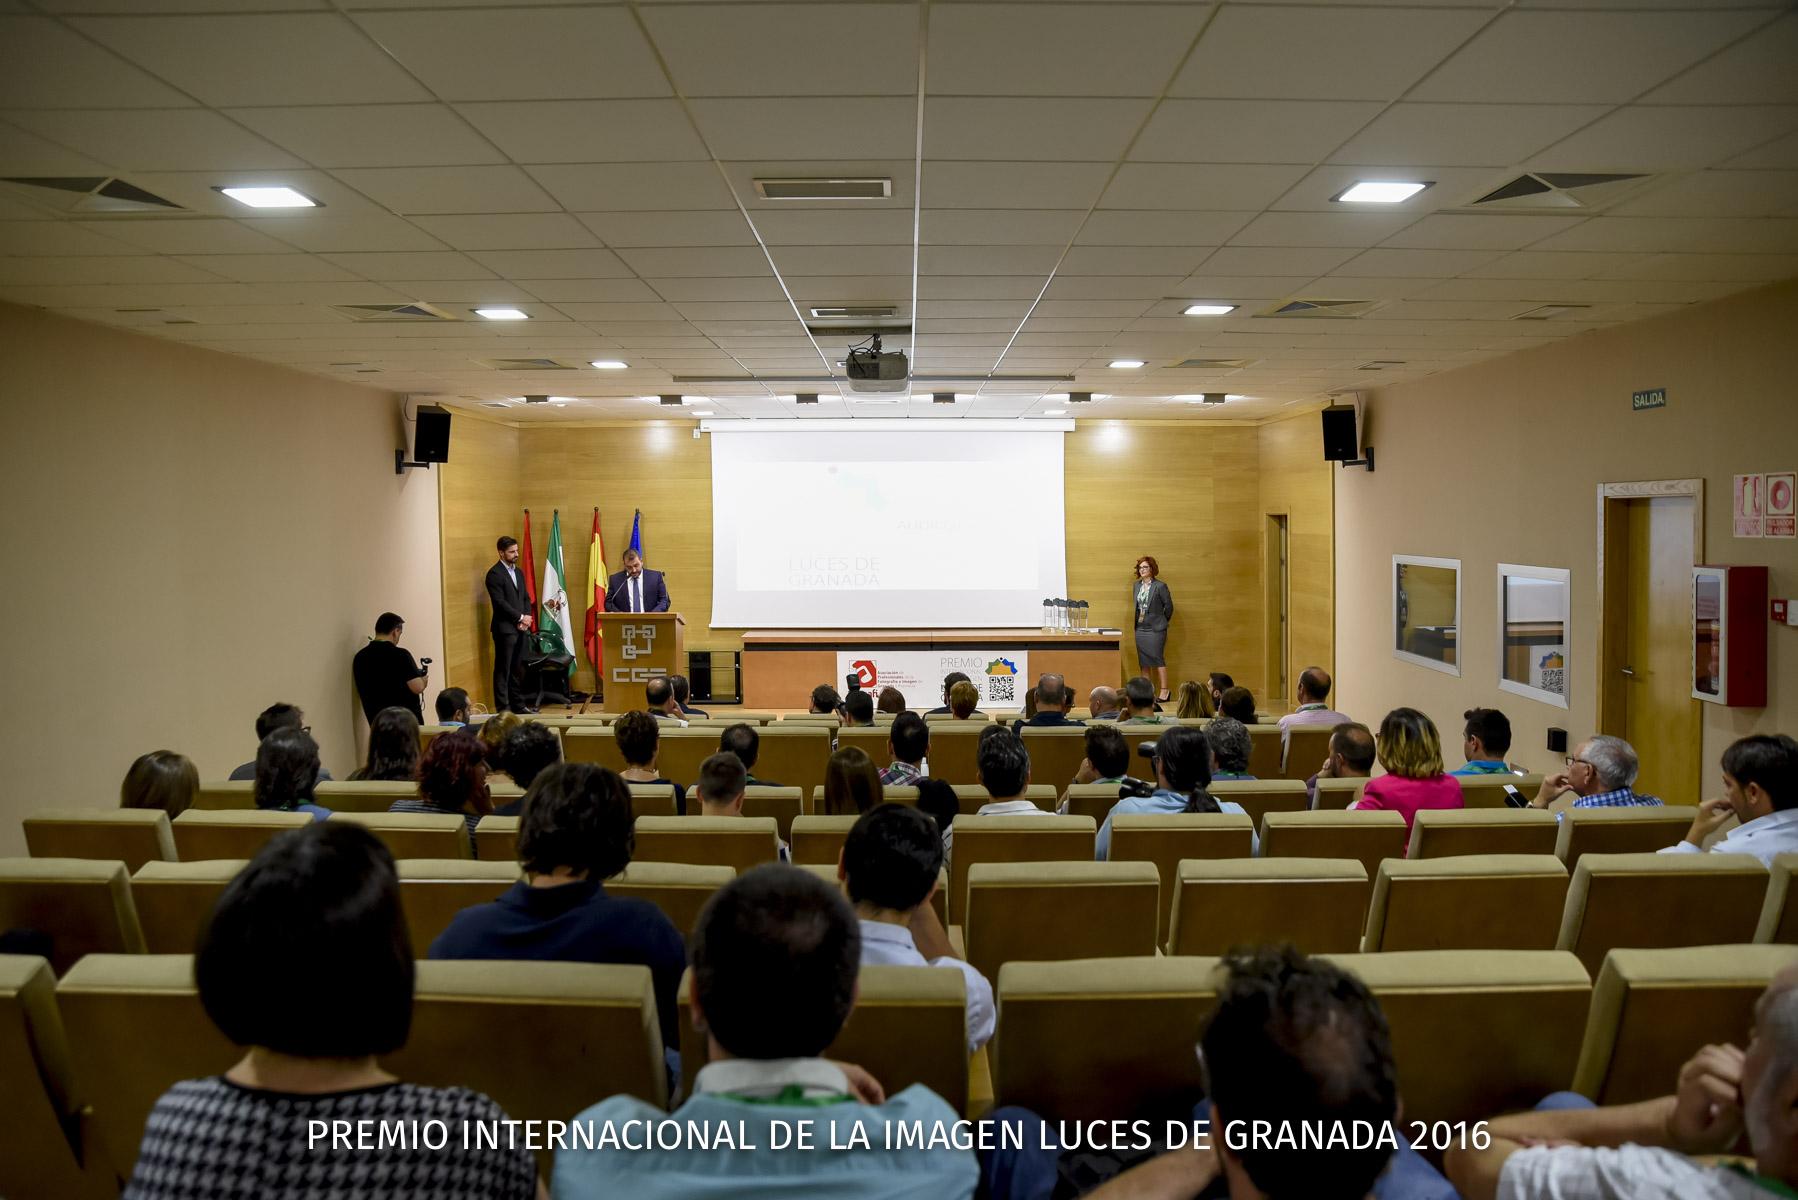 03lucesdegranada_entrega_premios_001